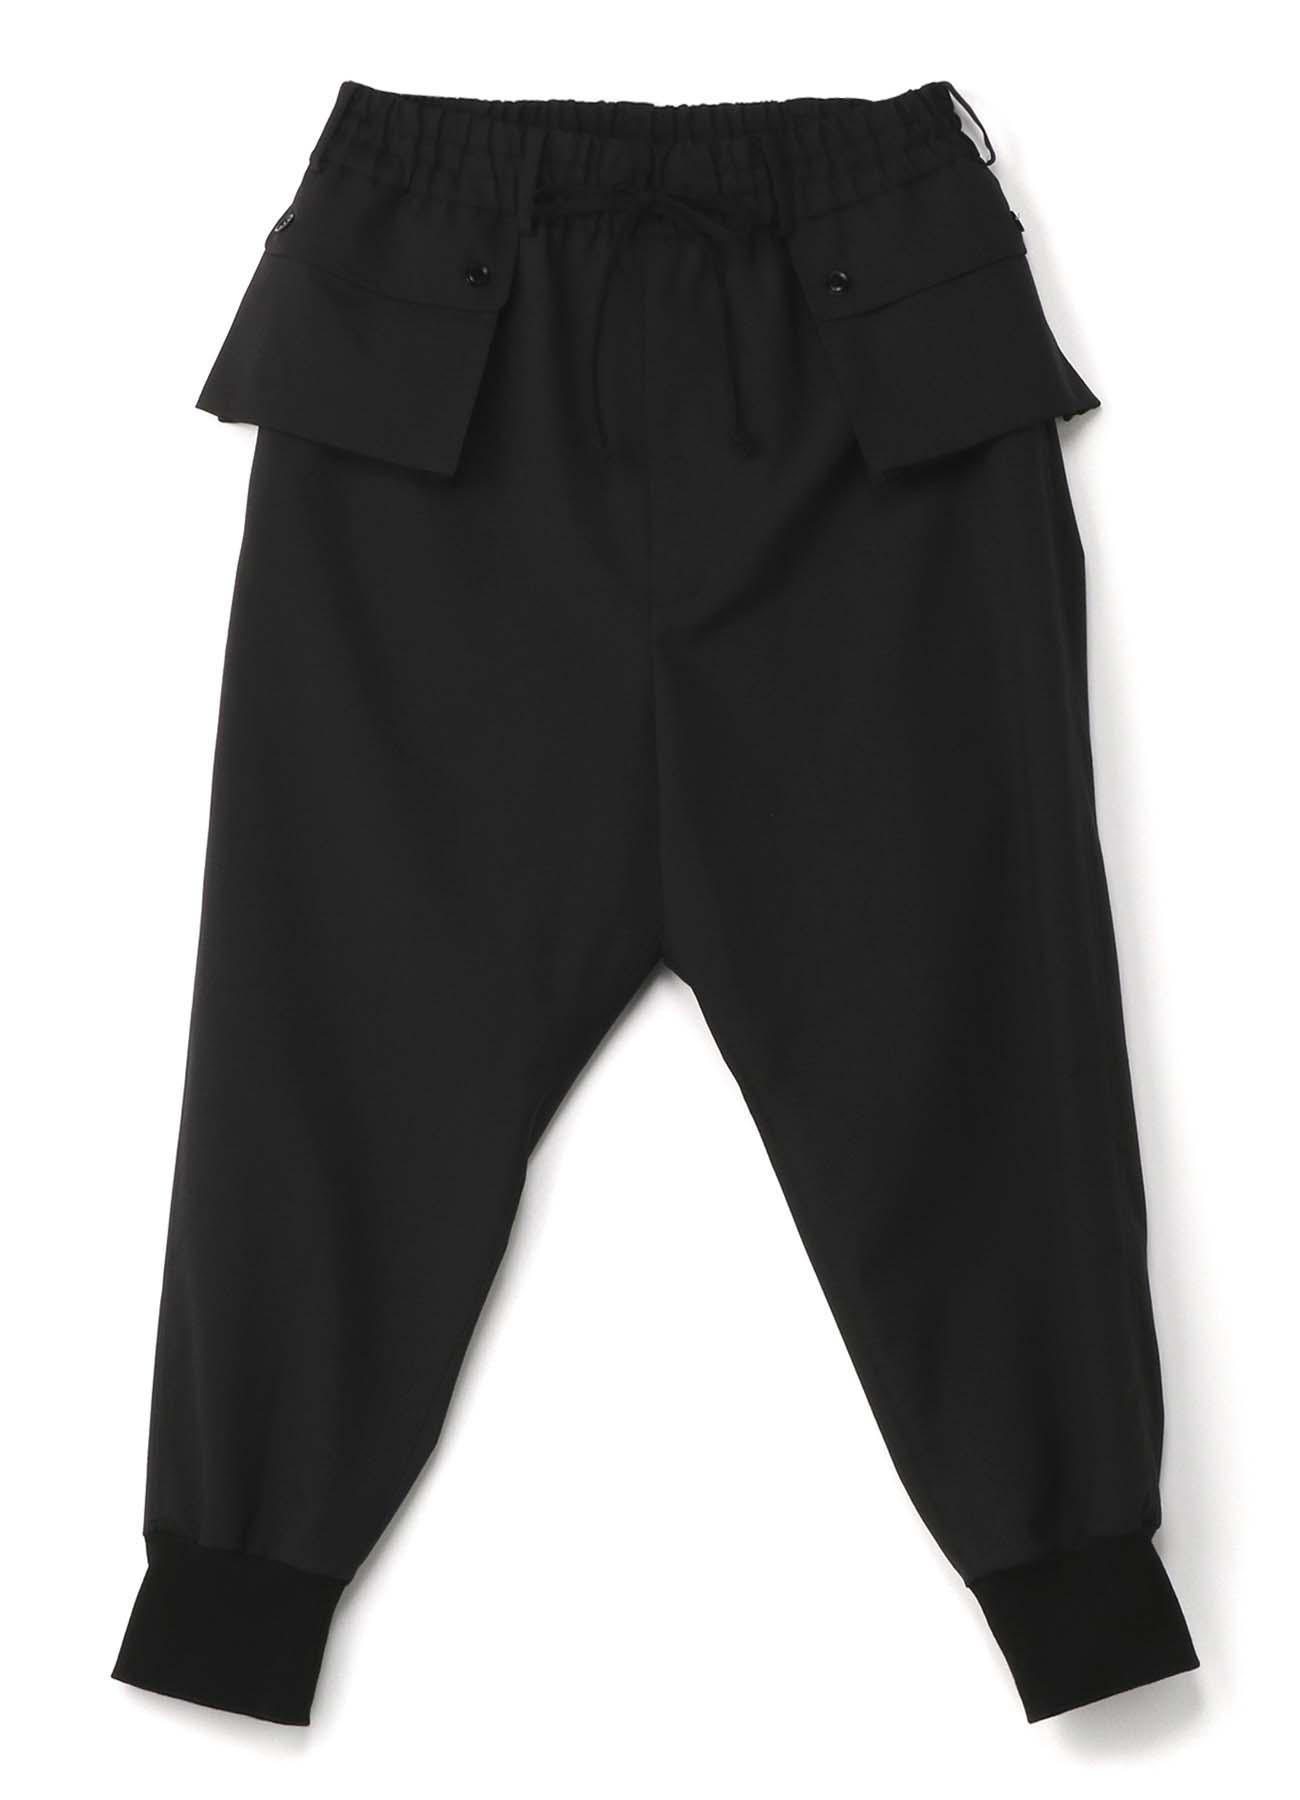 口袋运动裤